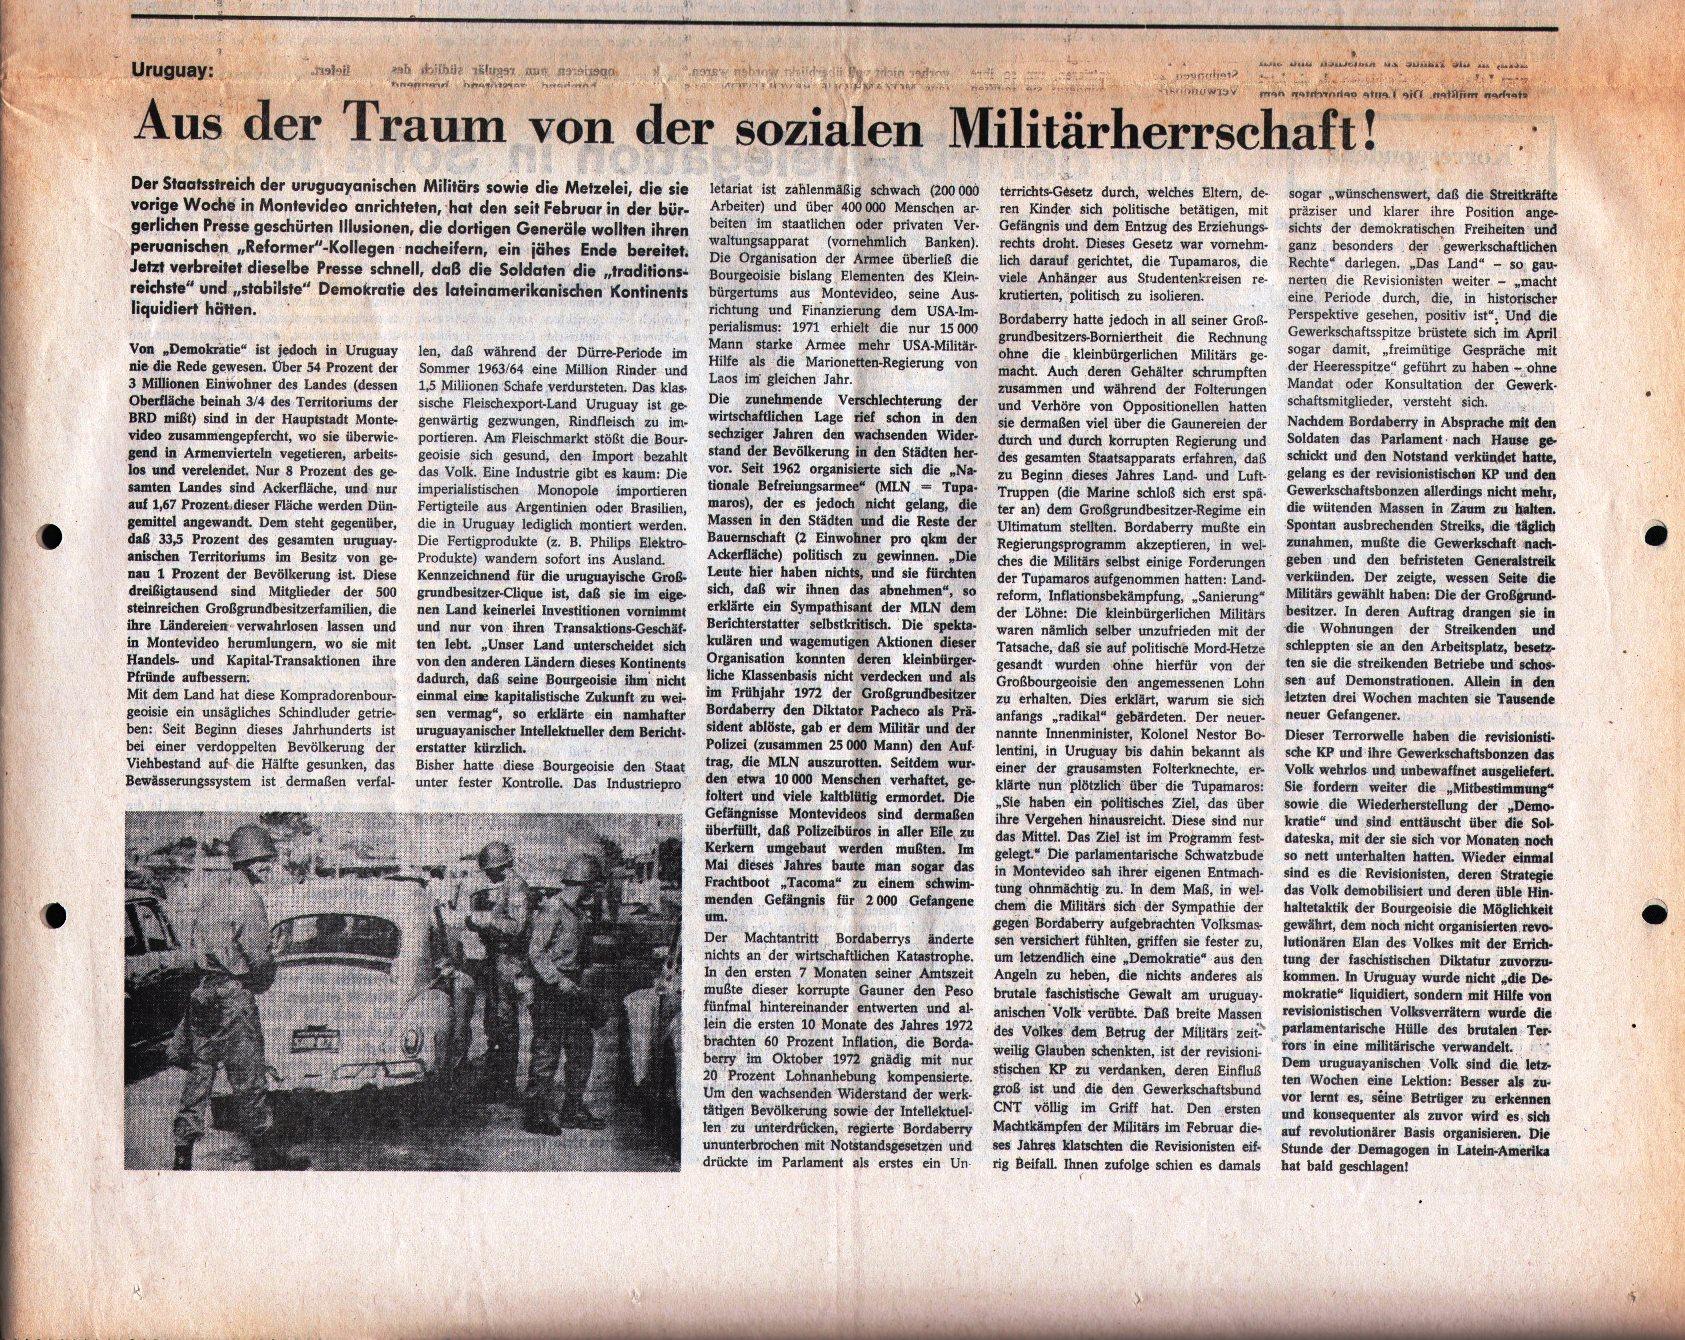 KPD_Rote_Fahne_1973_29_14